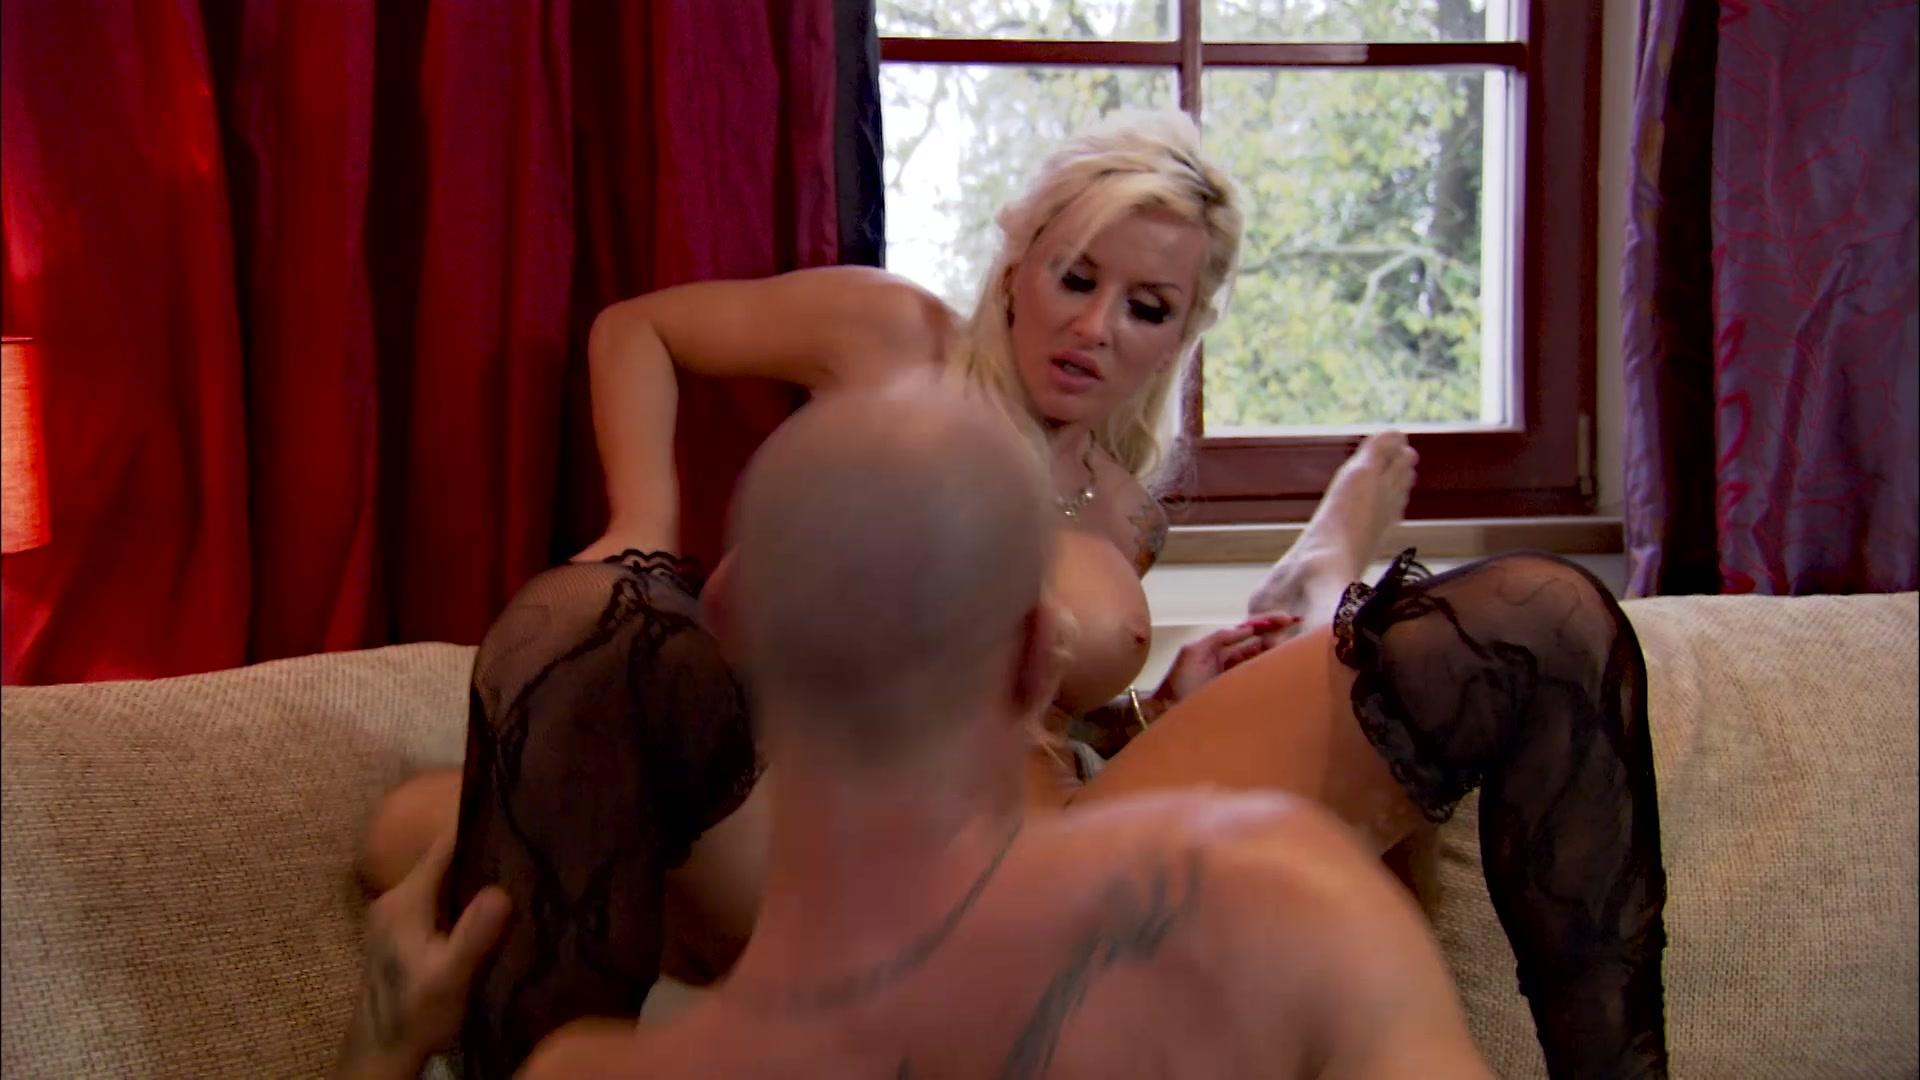 Glamur смотреть porno айпаде hd на